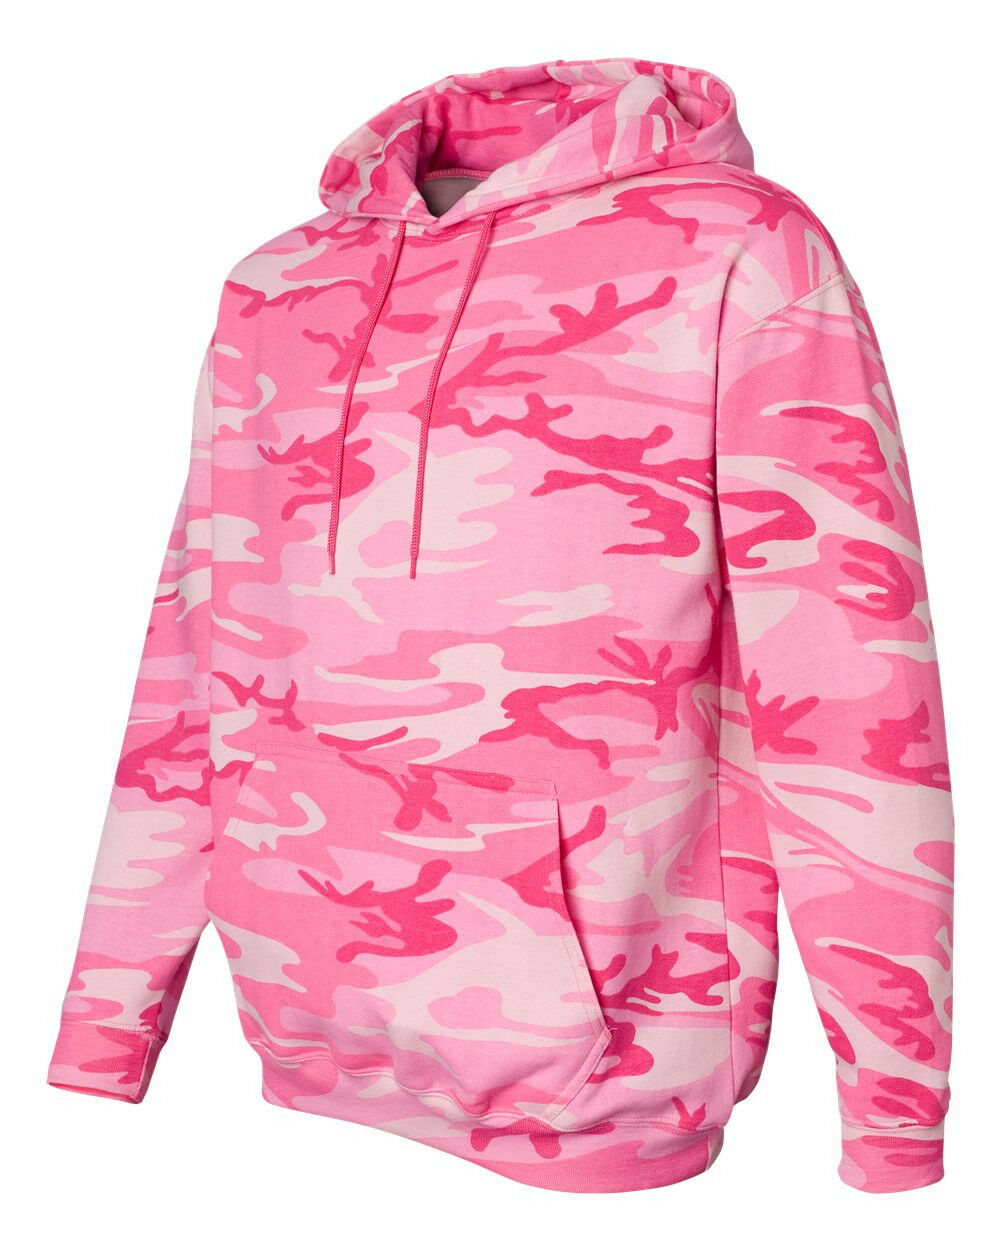 Pink womens hoodies